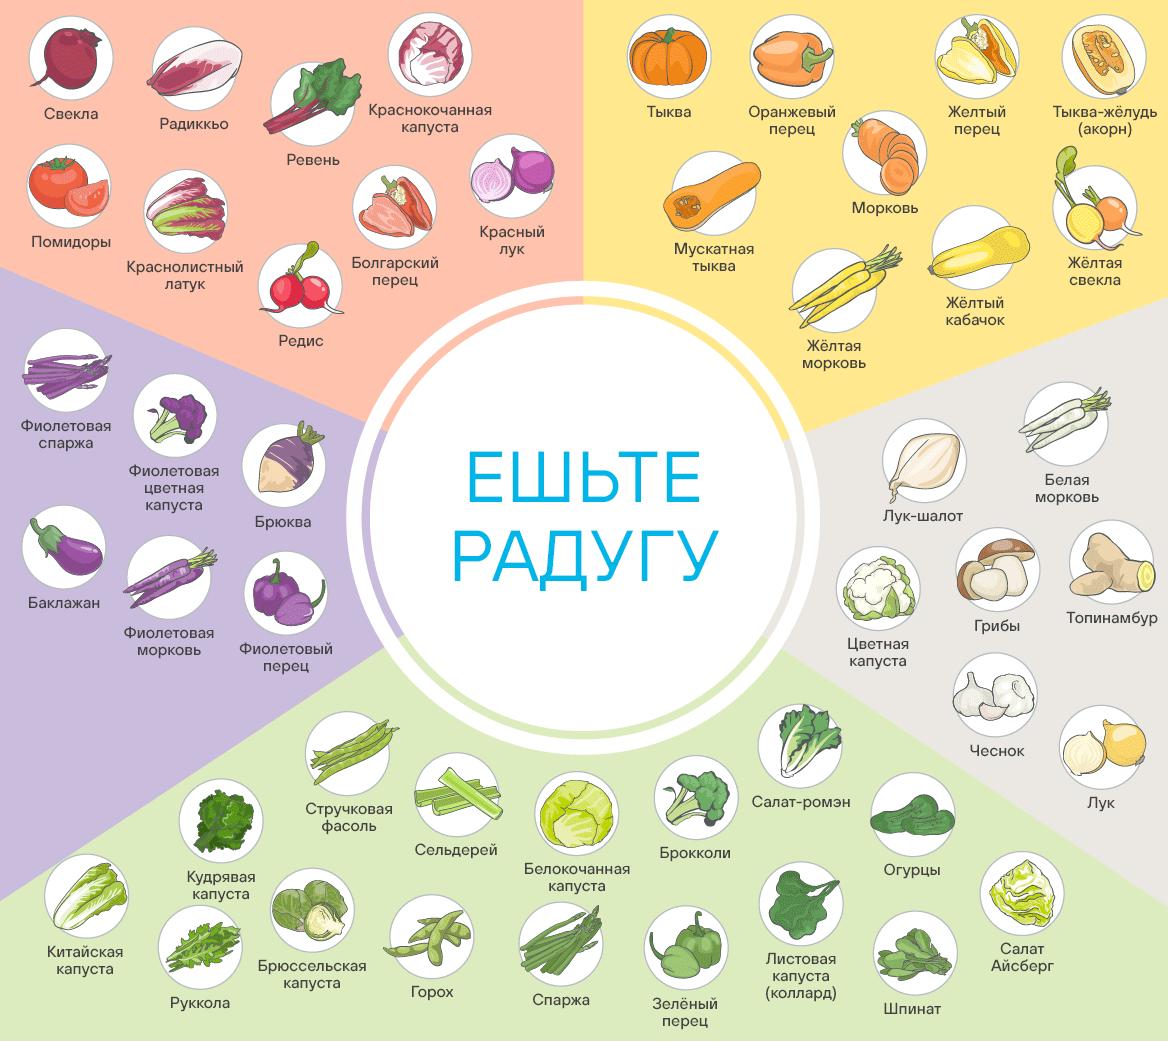 Овощи — ешьте радугу